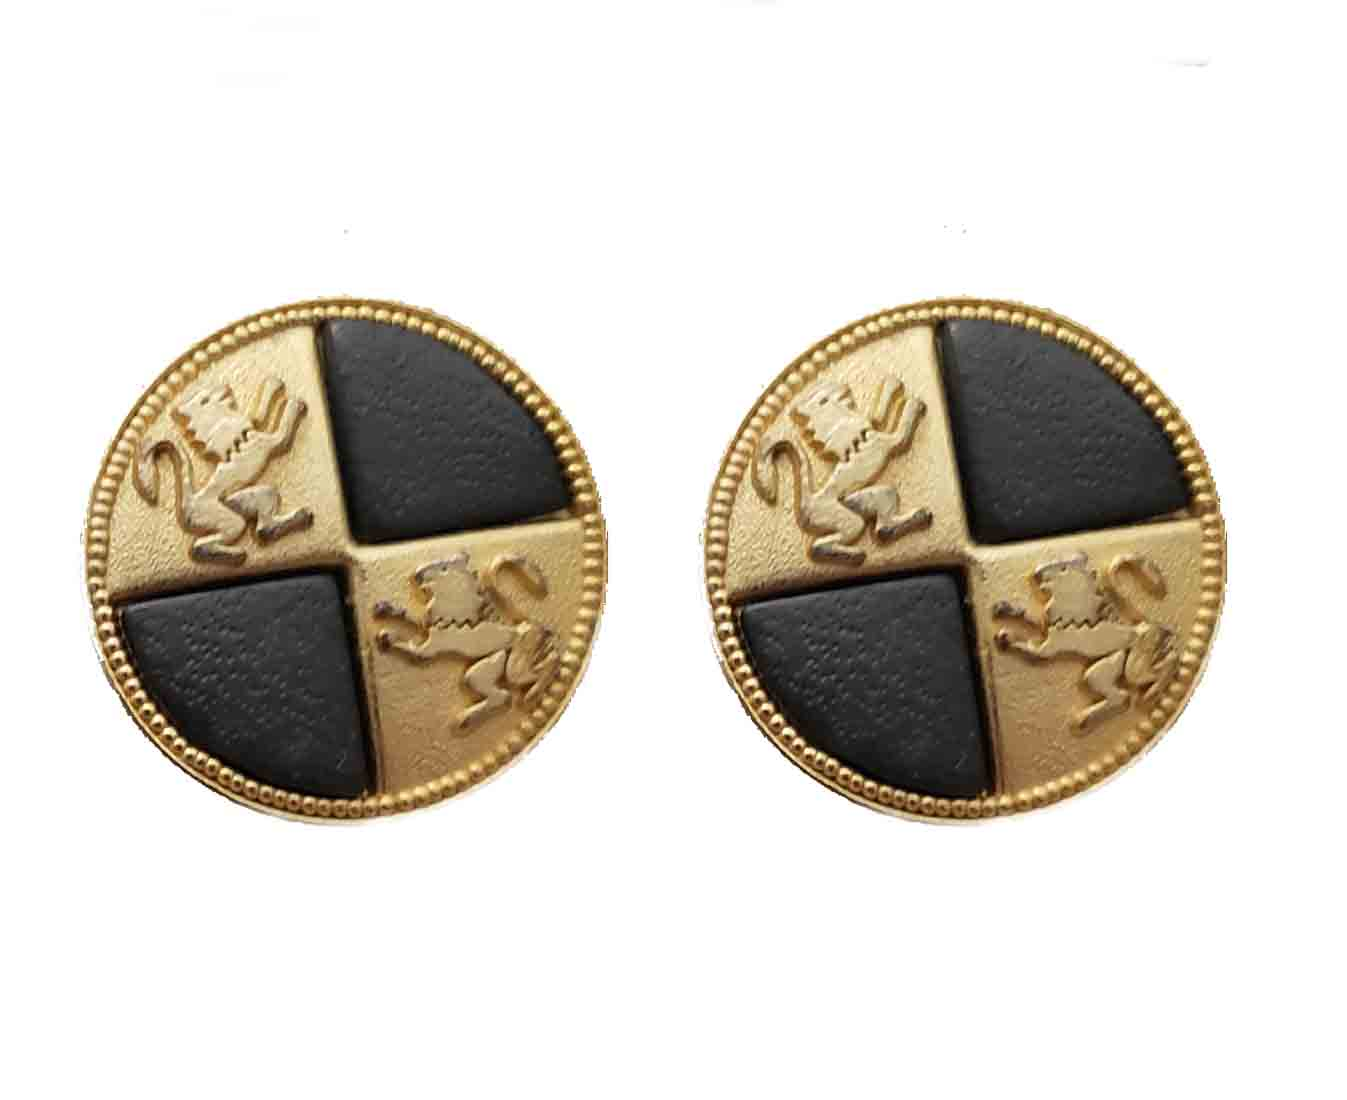 Two Vintage Aquascutum Blazer Buttons Gold Black Double Lion Shank Men's